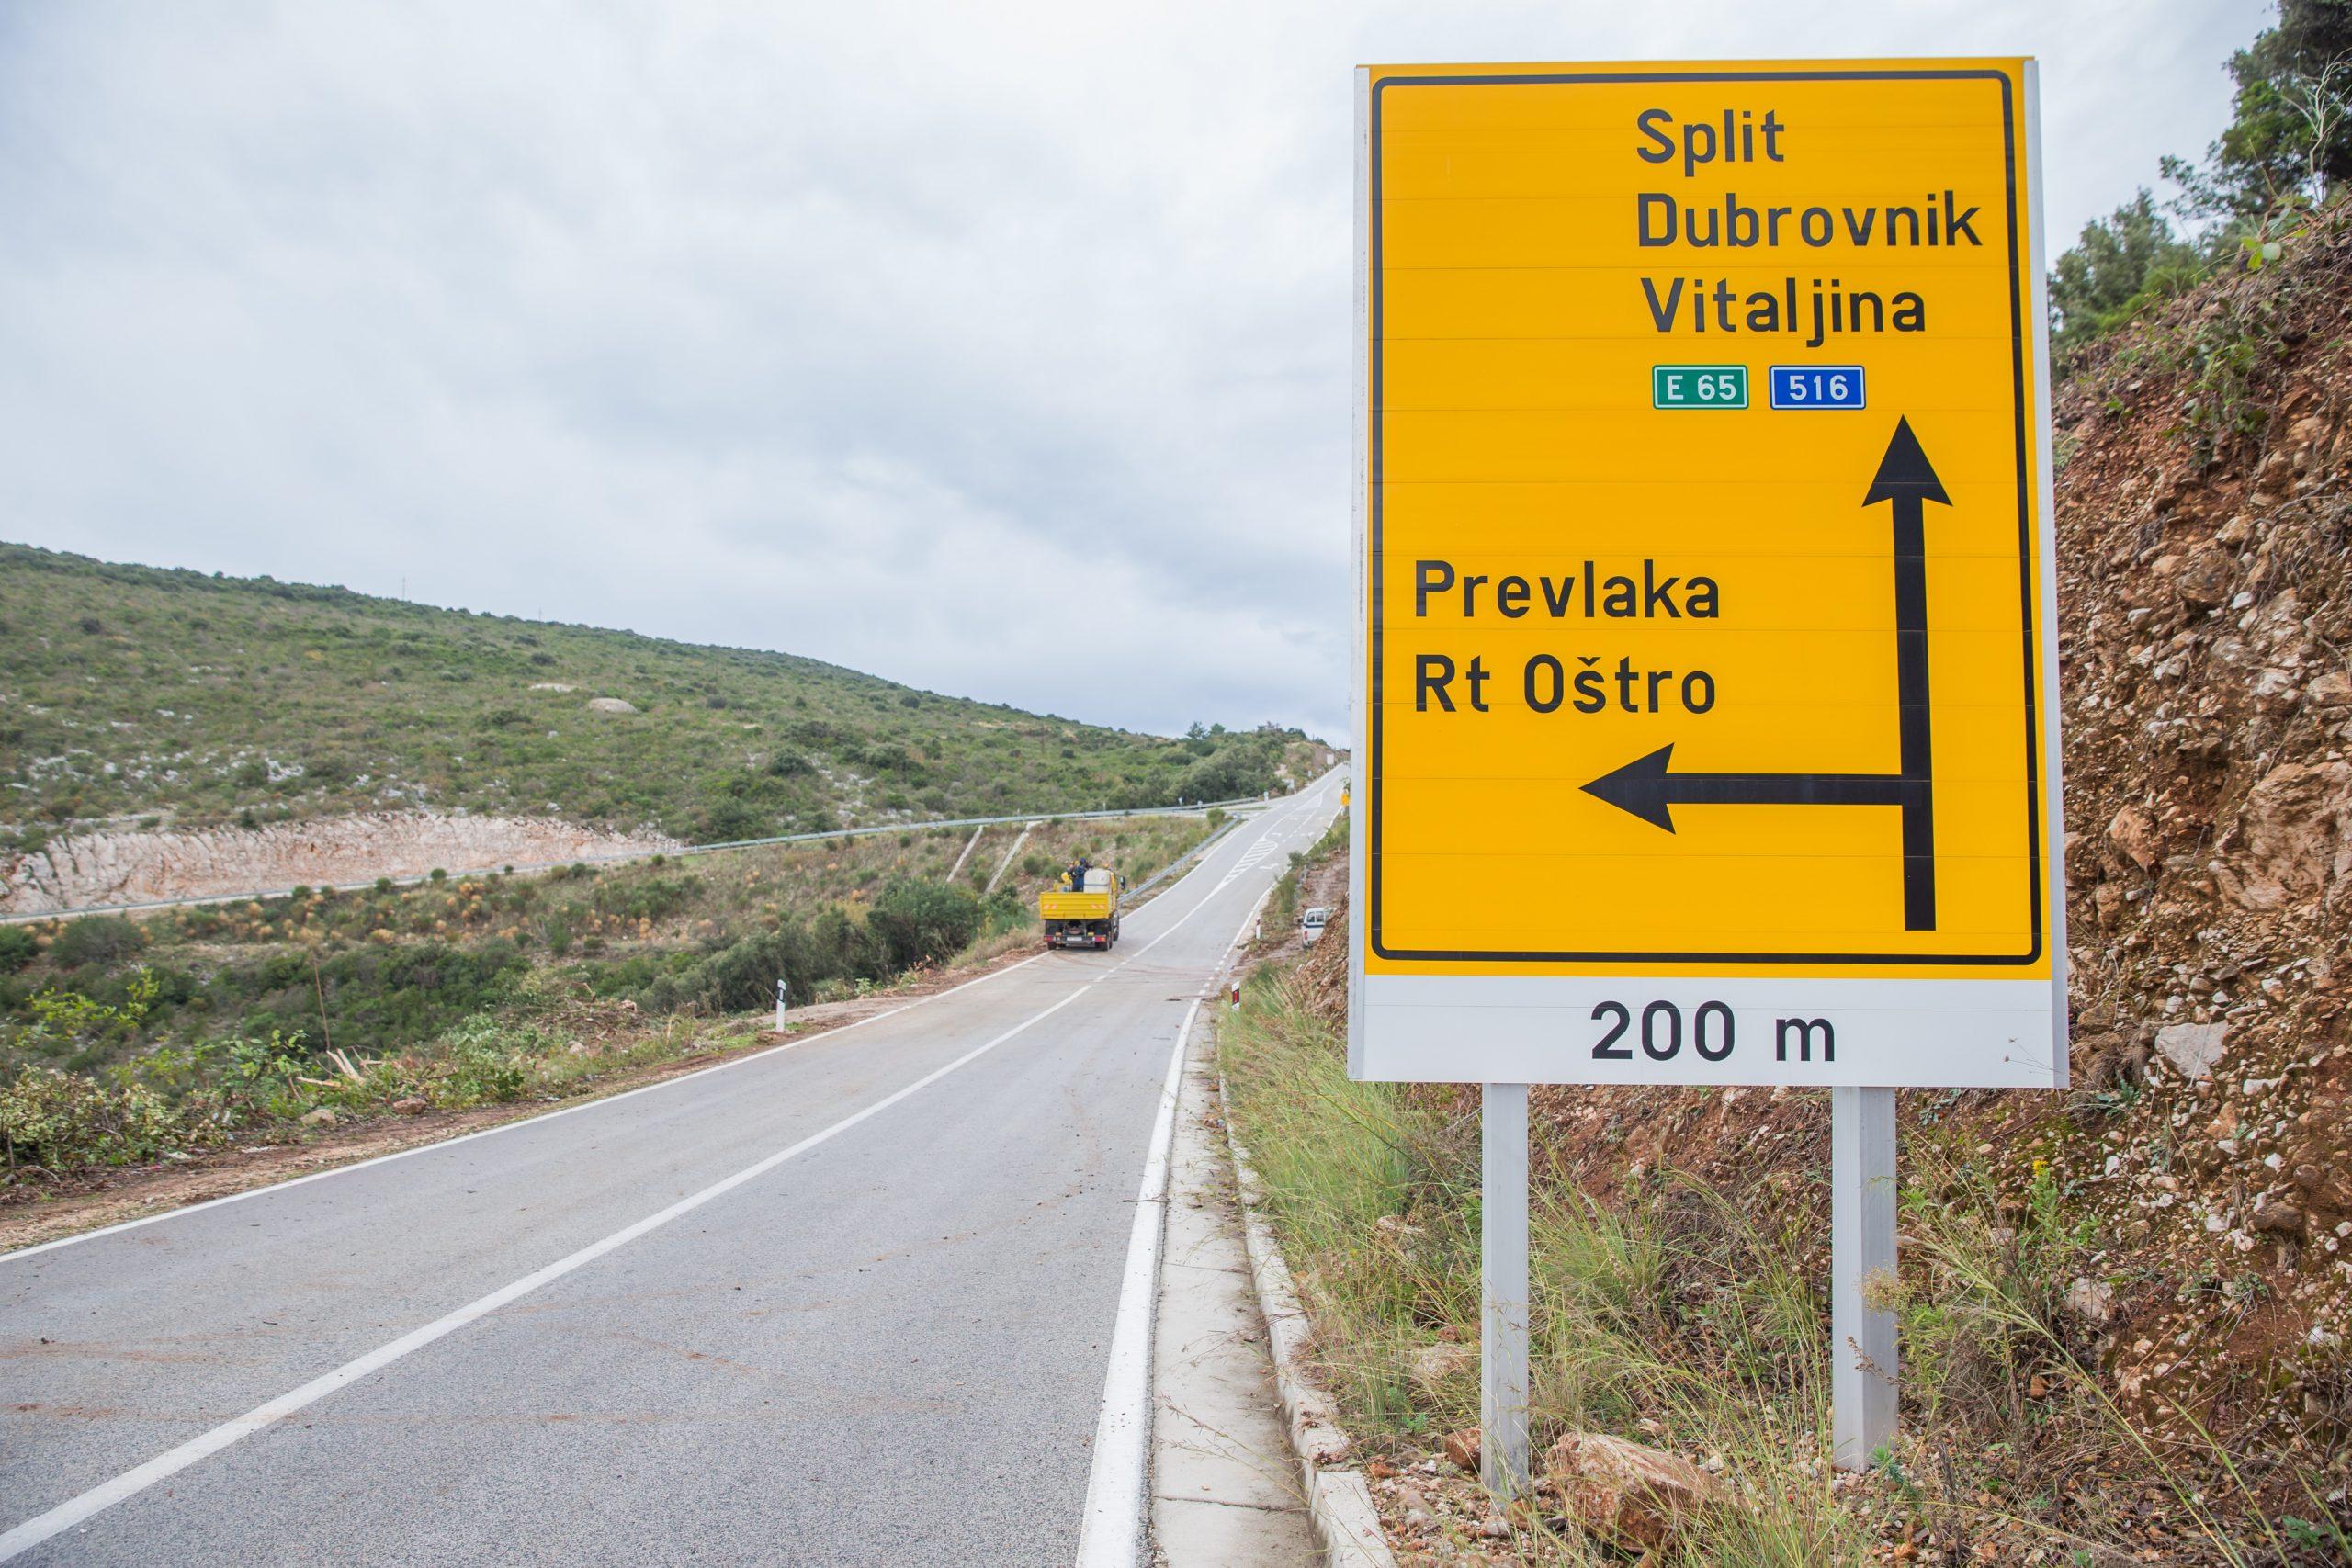 Foto Grgo Jelavić PIXSELL